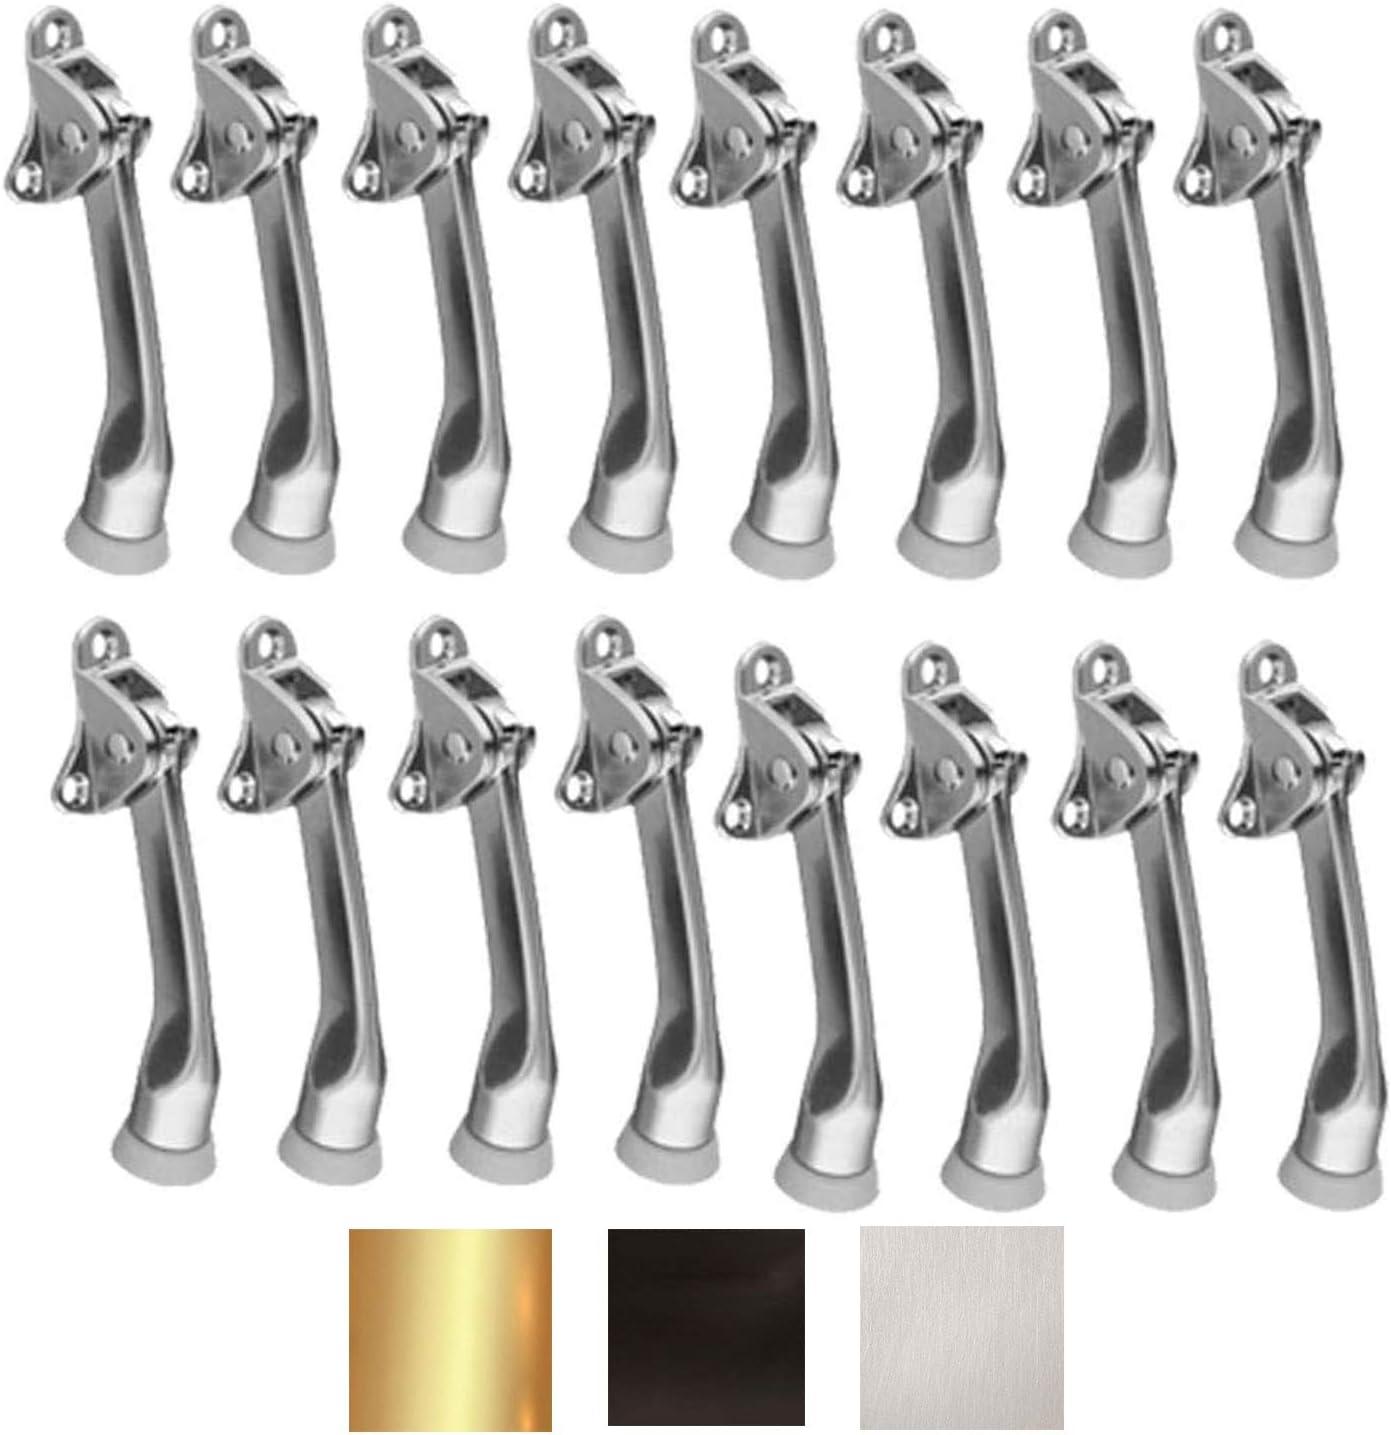 Litepak Kickdown Door Stop Super popular specialty store Premium Flip Doorstop Sati Max 76% OFF 4